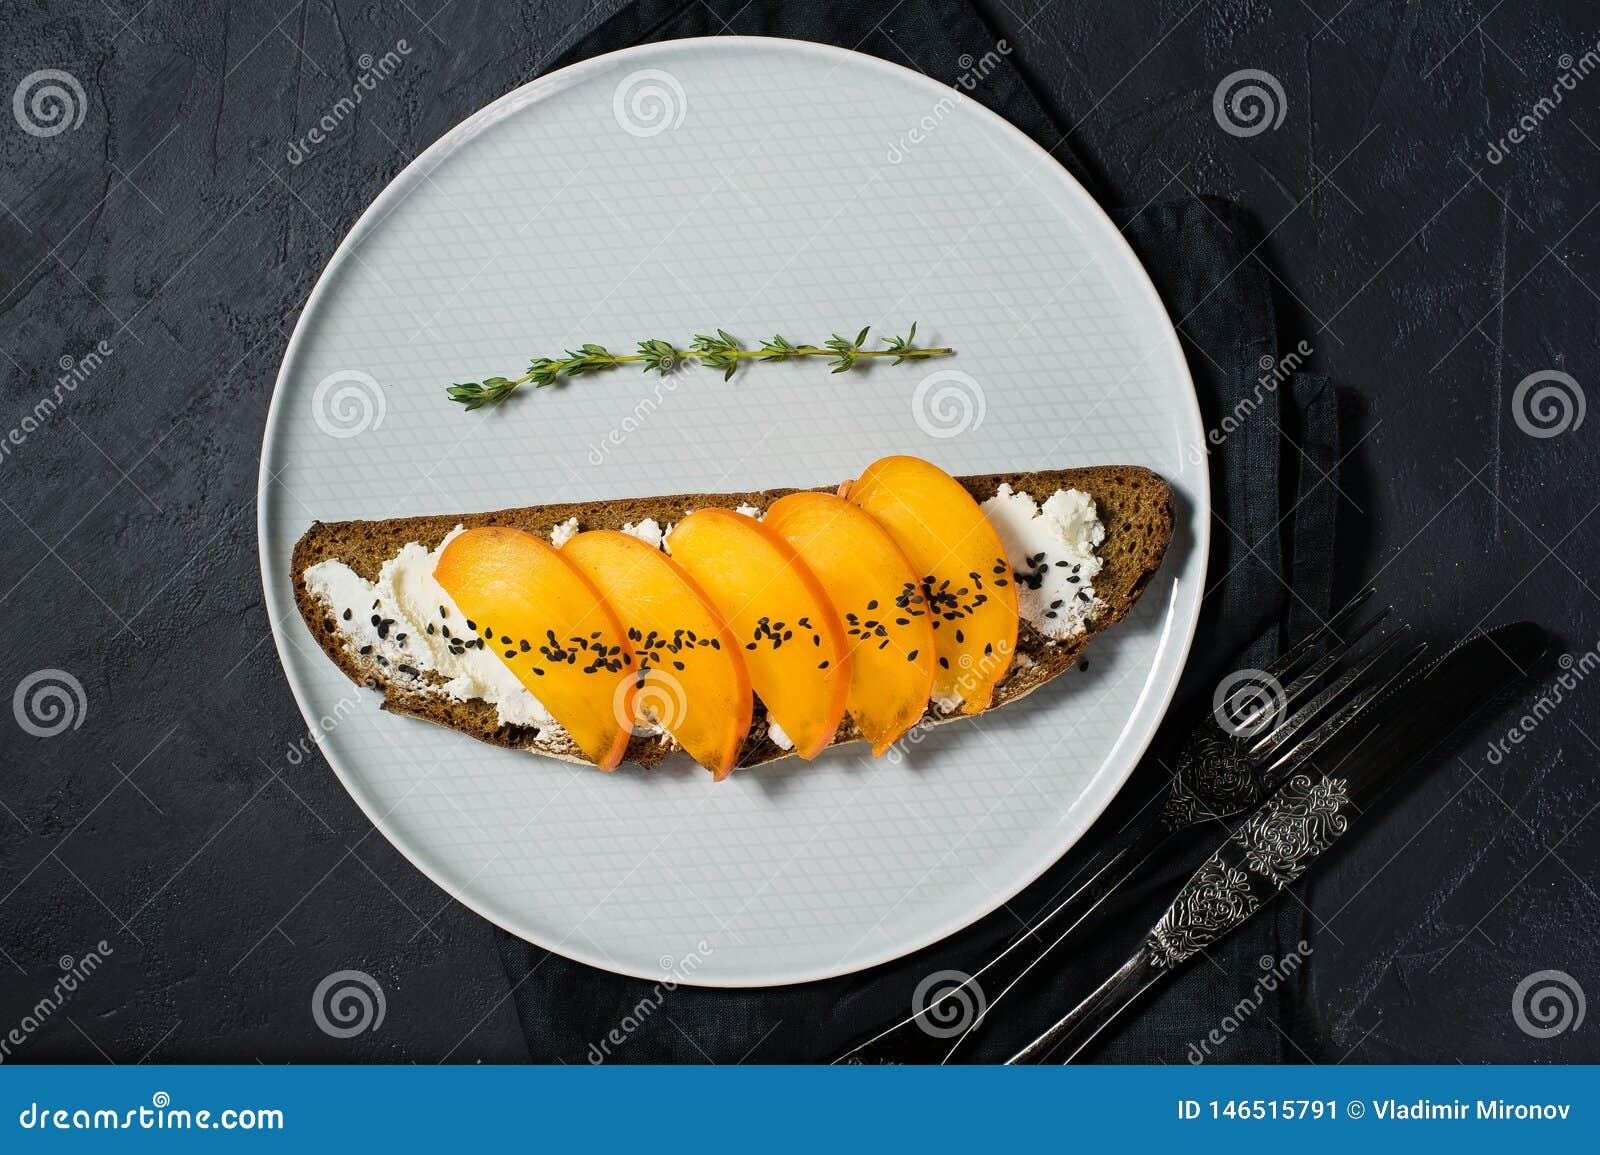 Υγιές ισορροπημένο σάντουιτς τροφίμων με persimmon και μαλακό τυρί στο μαύρο υπόβαθρο